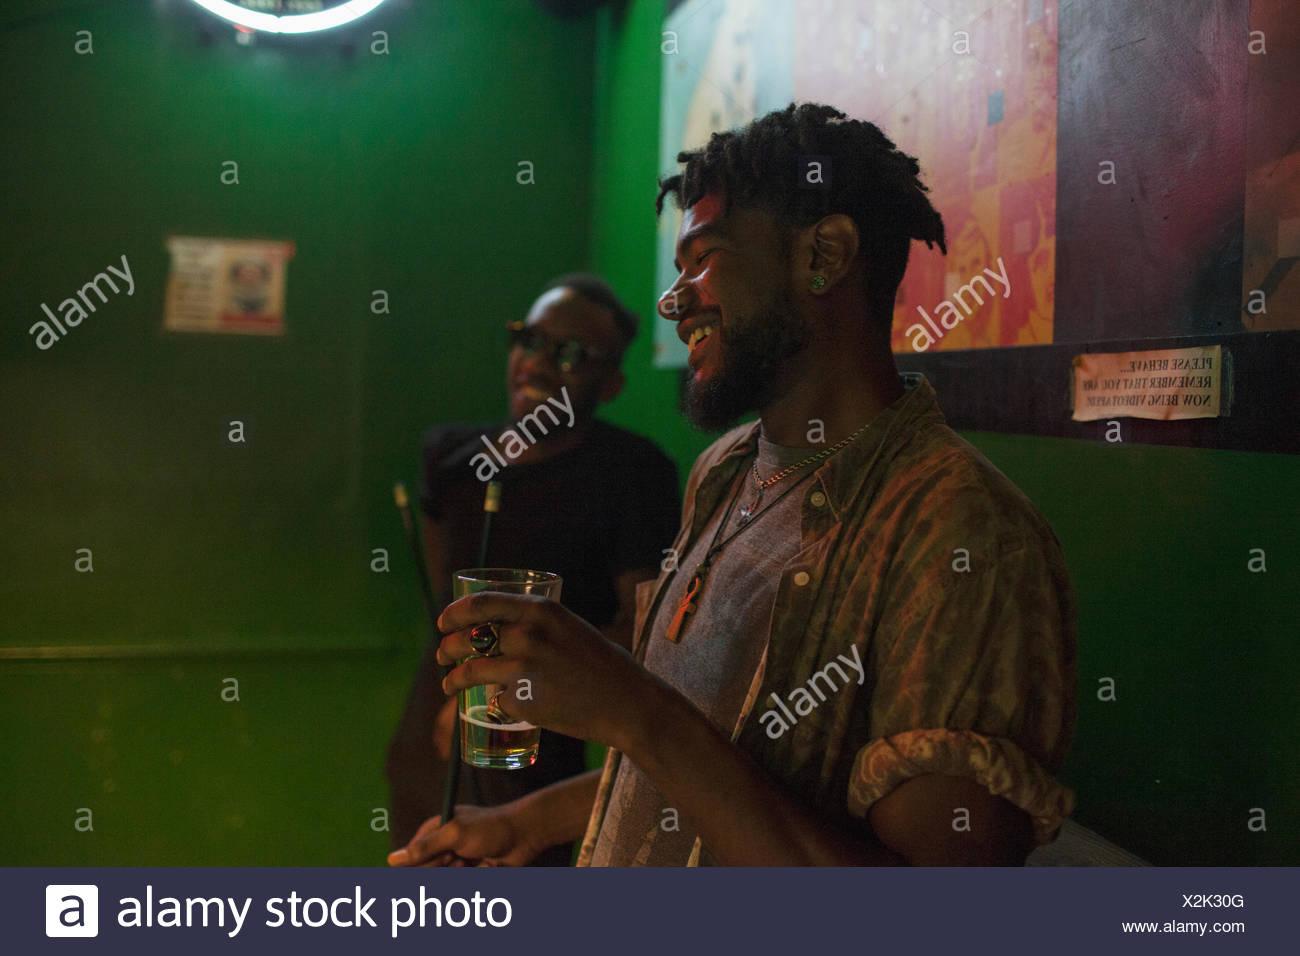 Zwei junge Männer in einer Bar. Stockbild